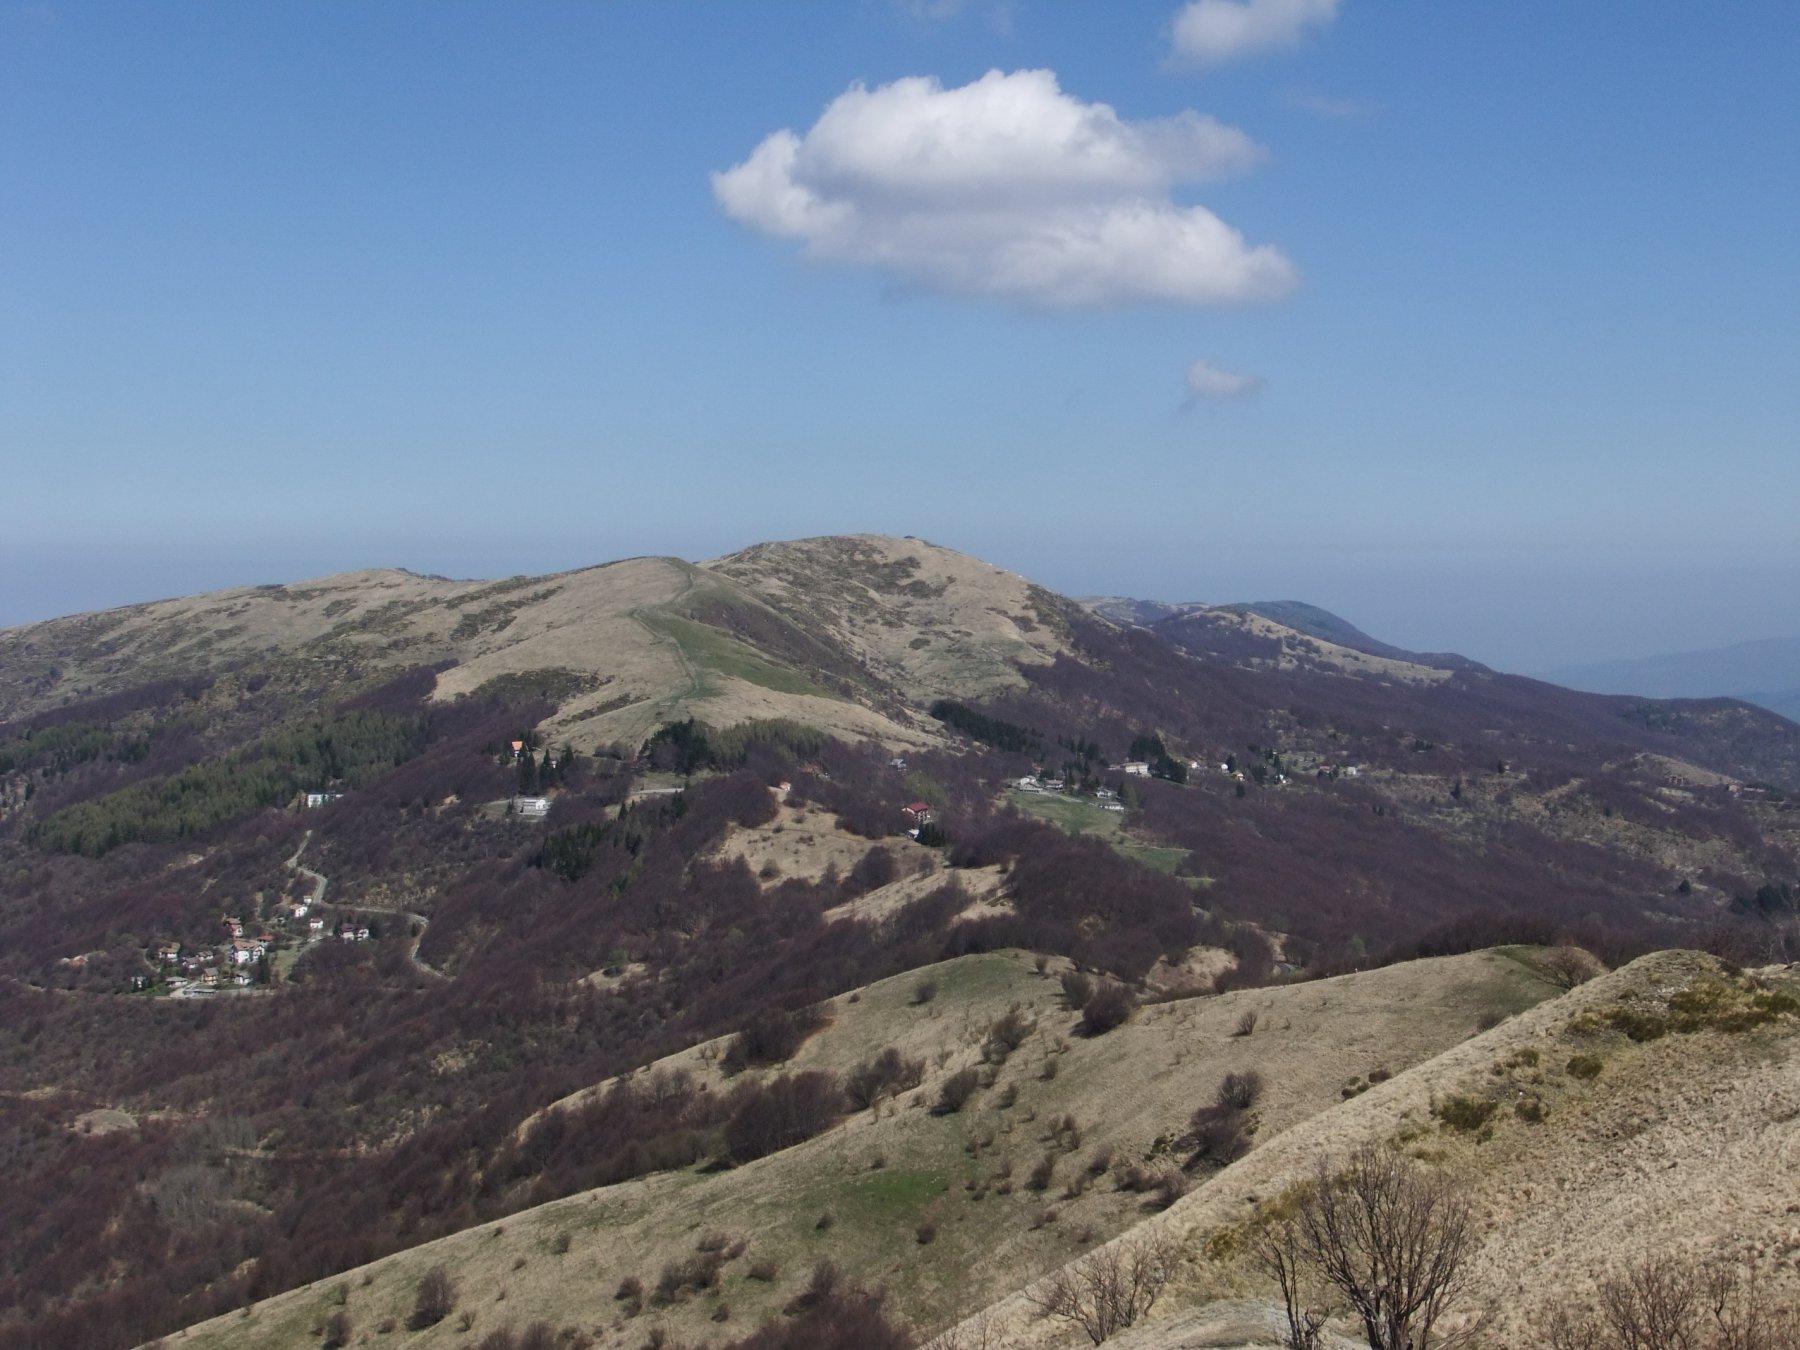 Capanne di Cosola e Monte Chiappo